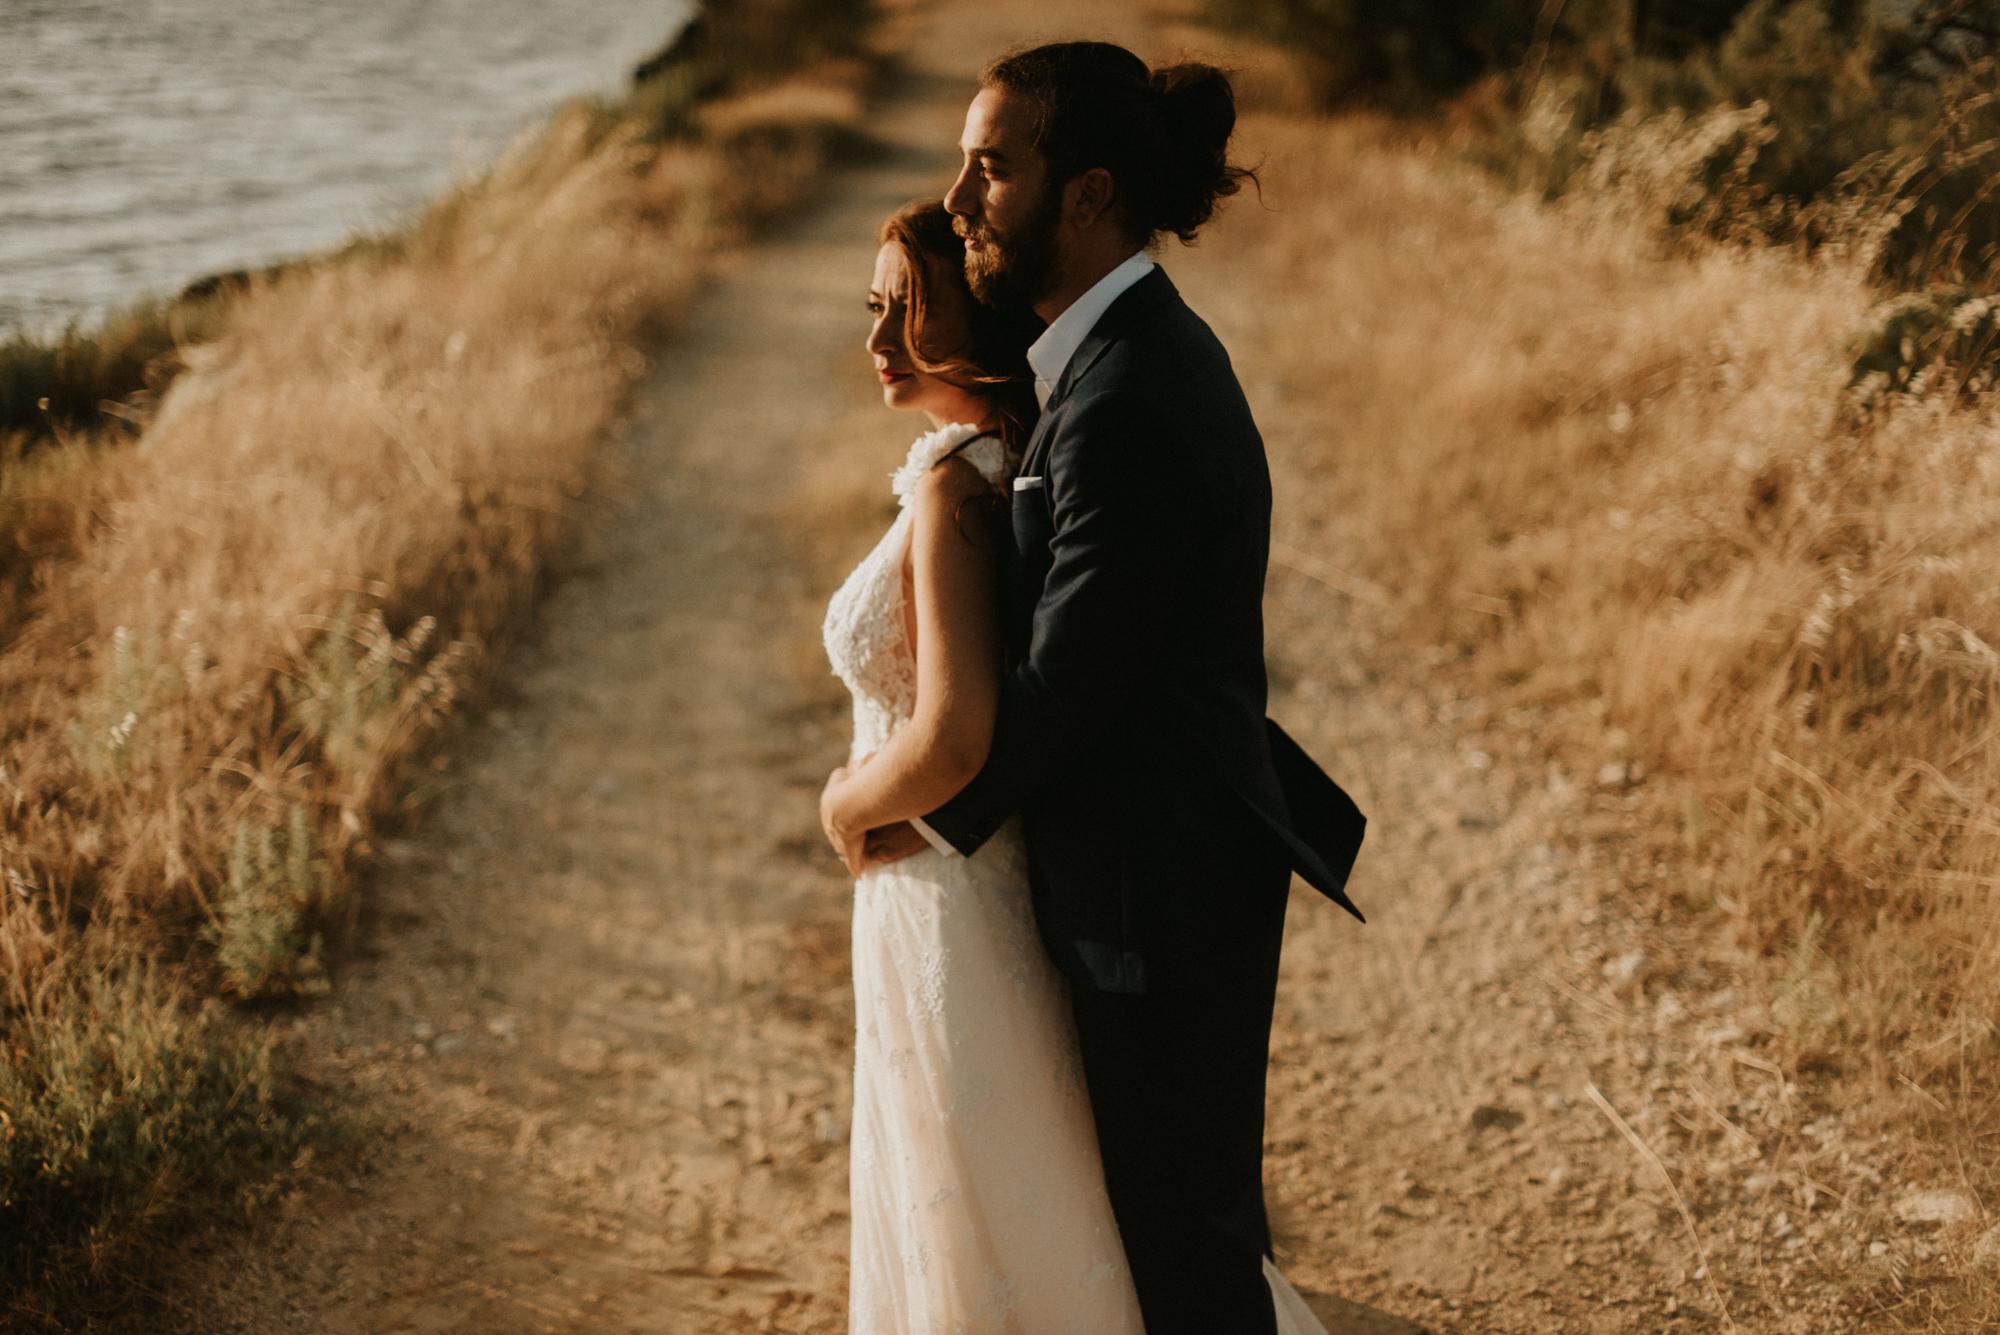 Όμορφος ρομαντικός γάμος με θέμα τη λεβάντα